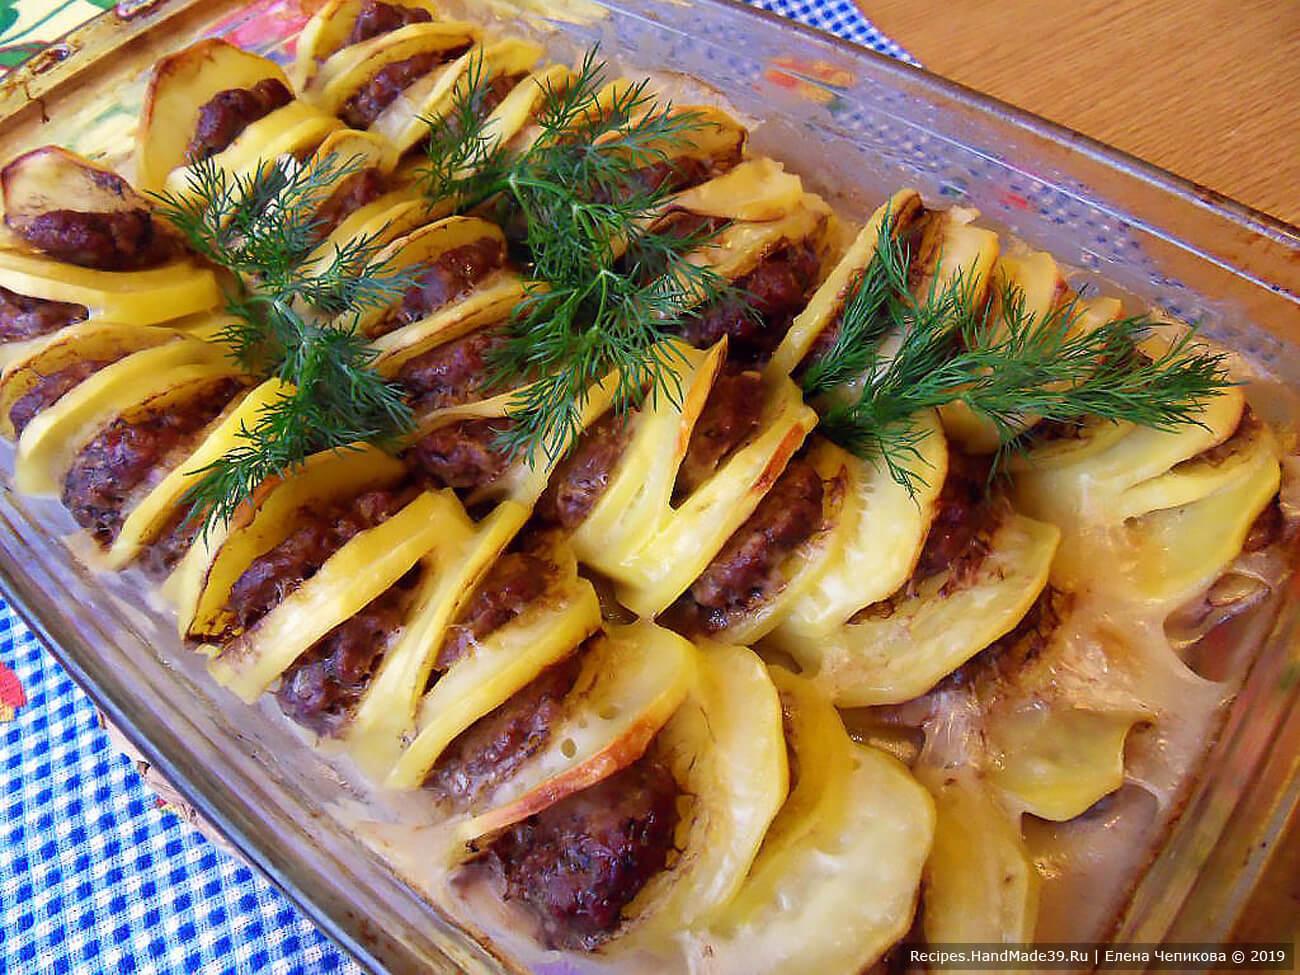 Запекать около 40 минут в духовке, разогретой до температуры 180 °C. «Пьяный картофель» с фаршем готов, приятного аппетита!